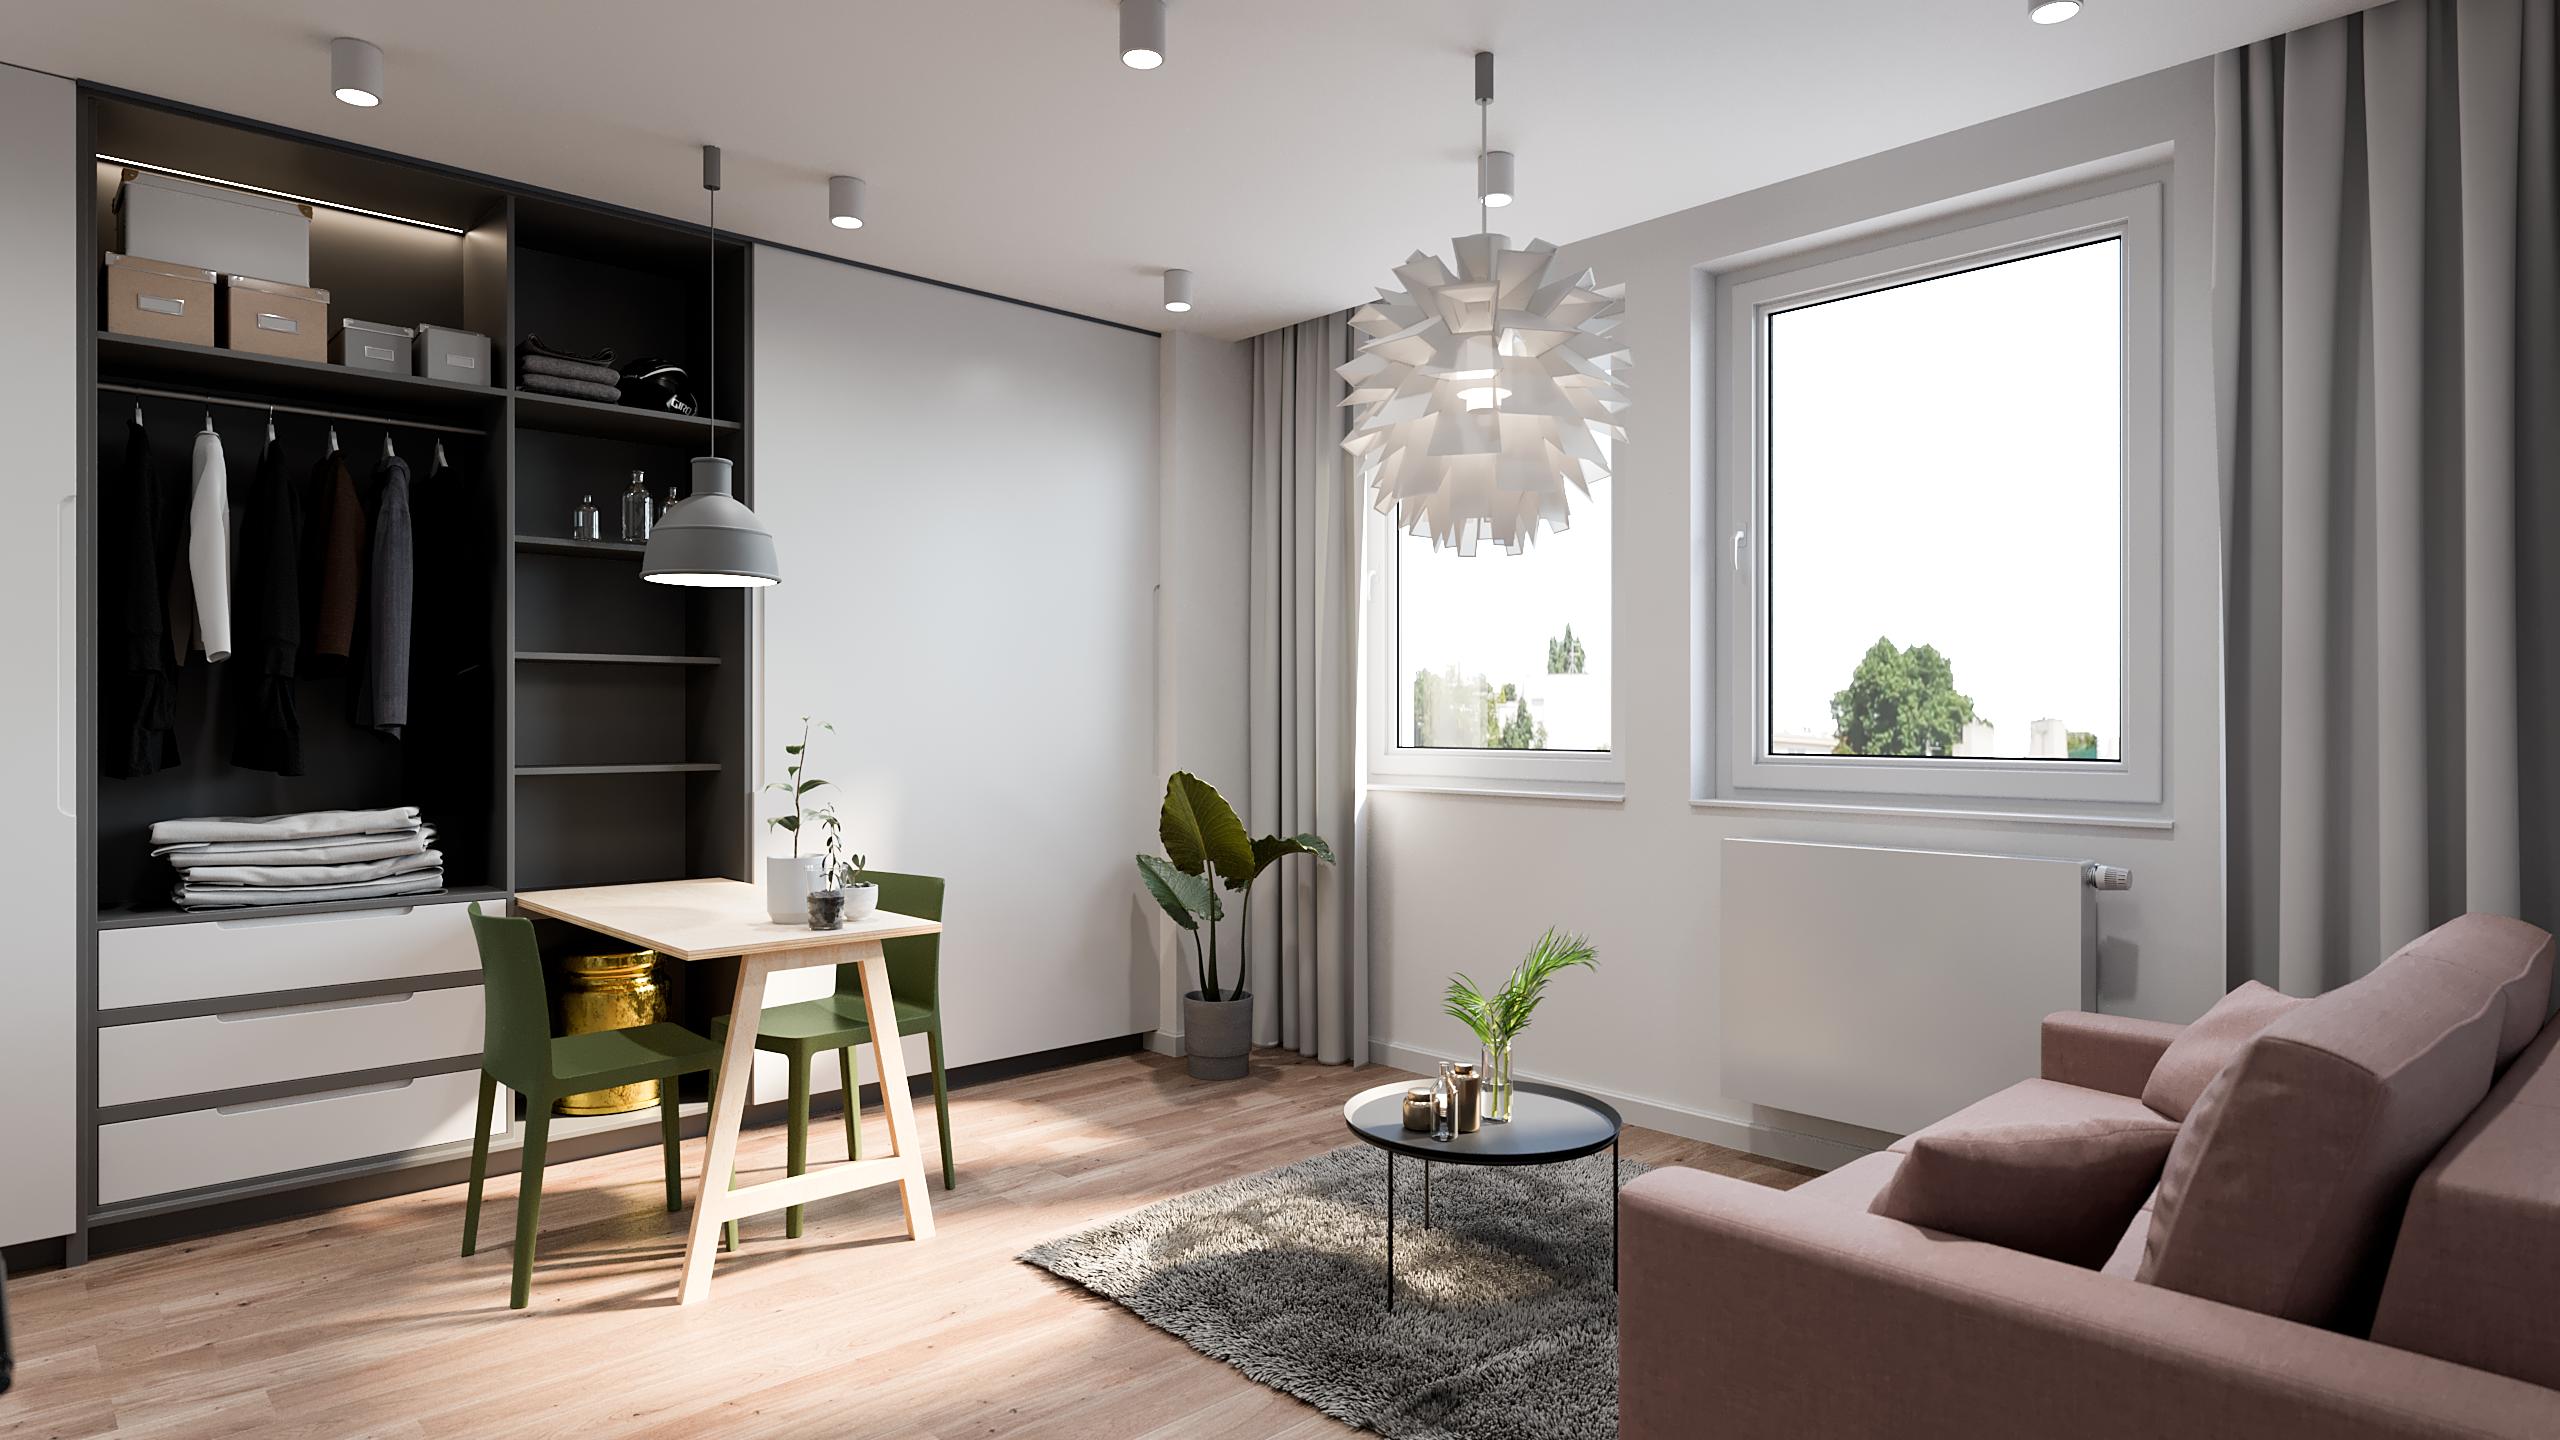 Startovací bydlení: Projekty v Malvazinkách a Vinohradech